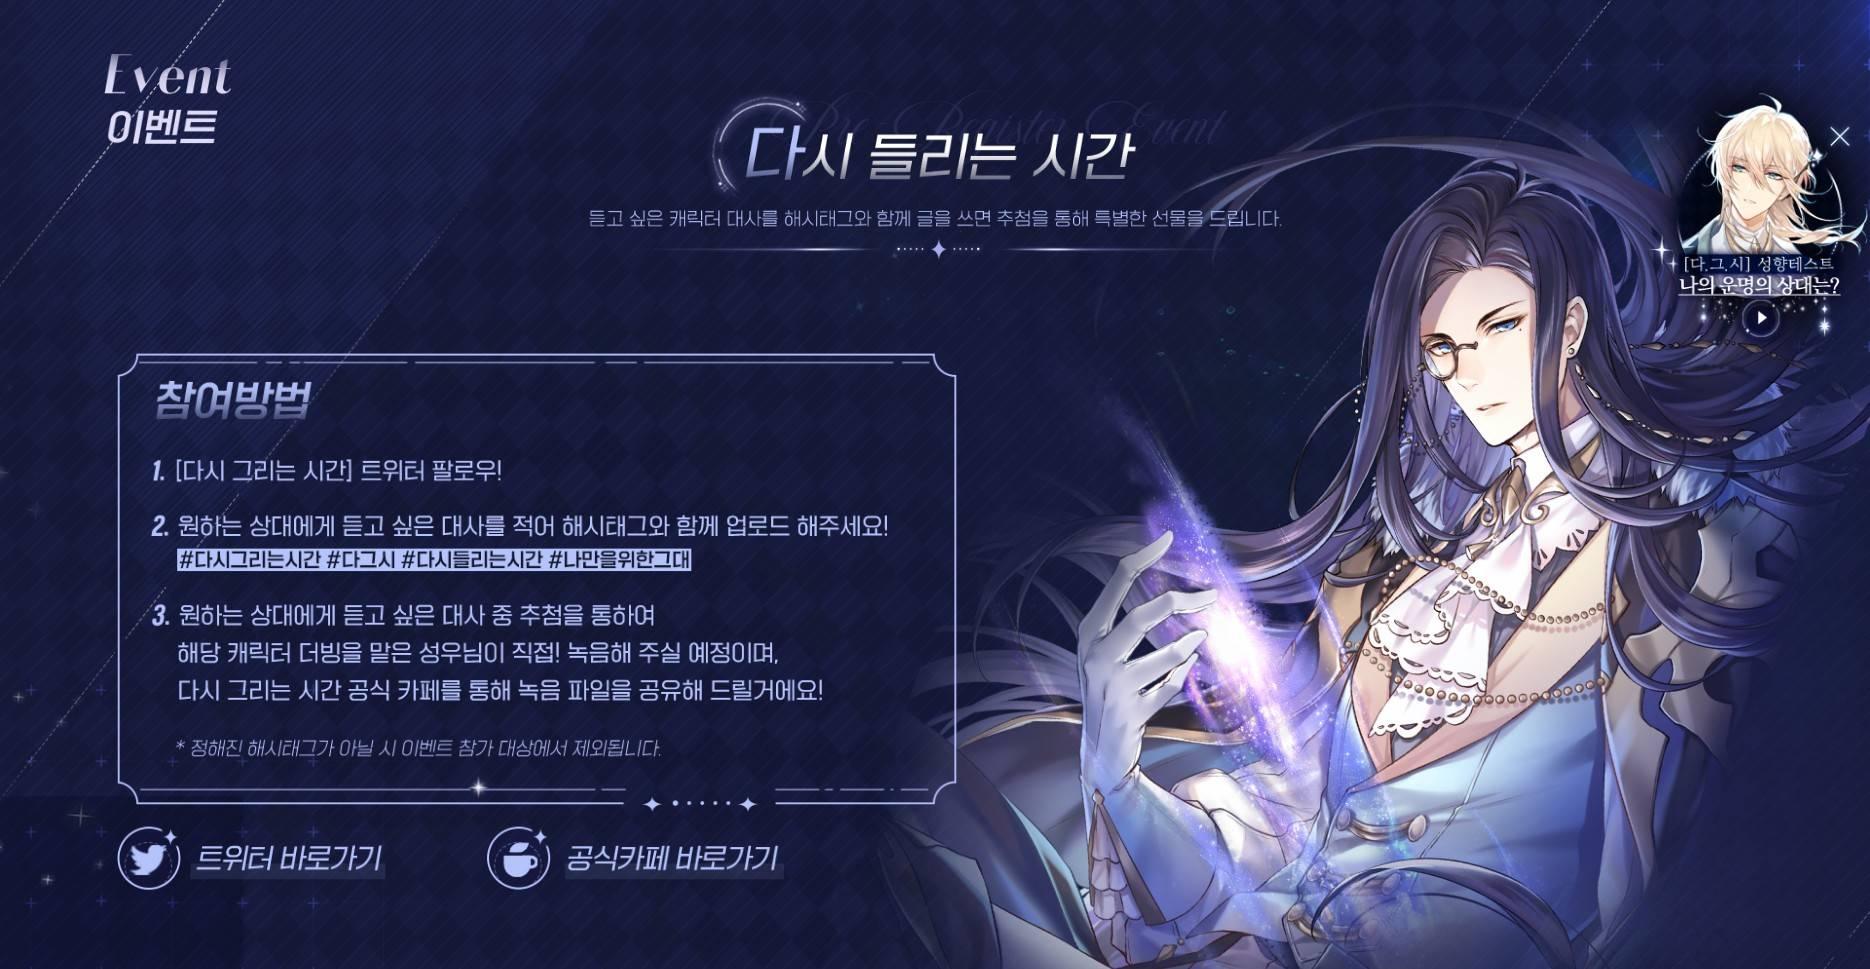 Screenshot 2021-07-06 at 01.47.55.jpg